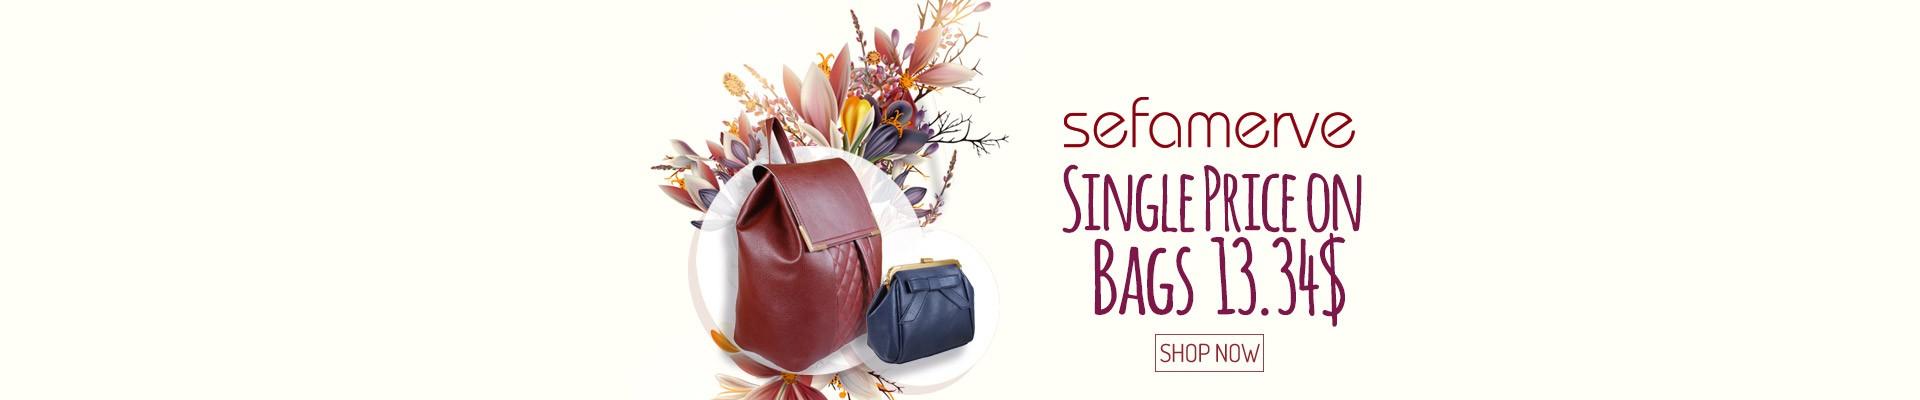 Single Price on Sefamverve Bags 29.90 TL